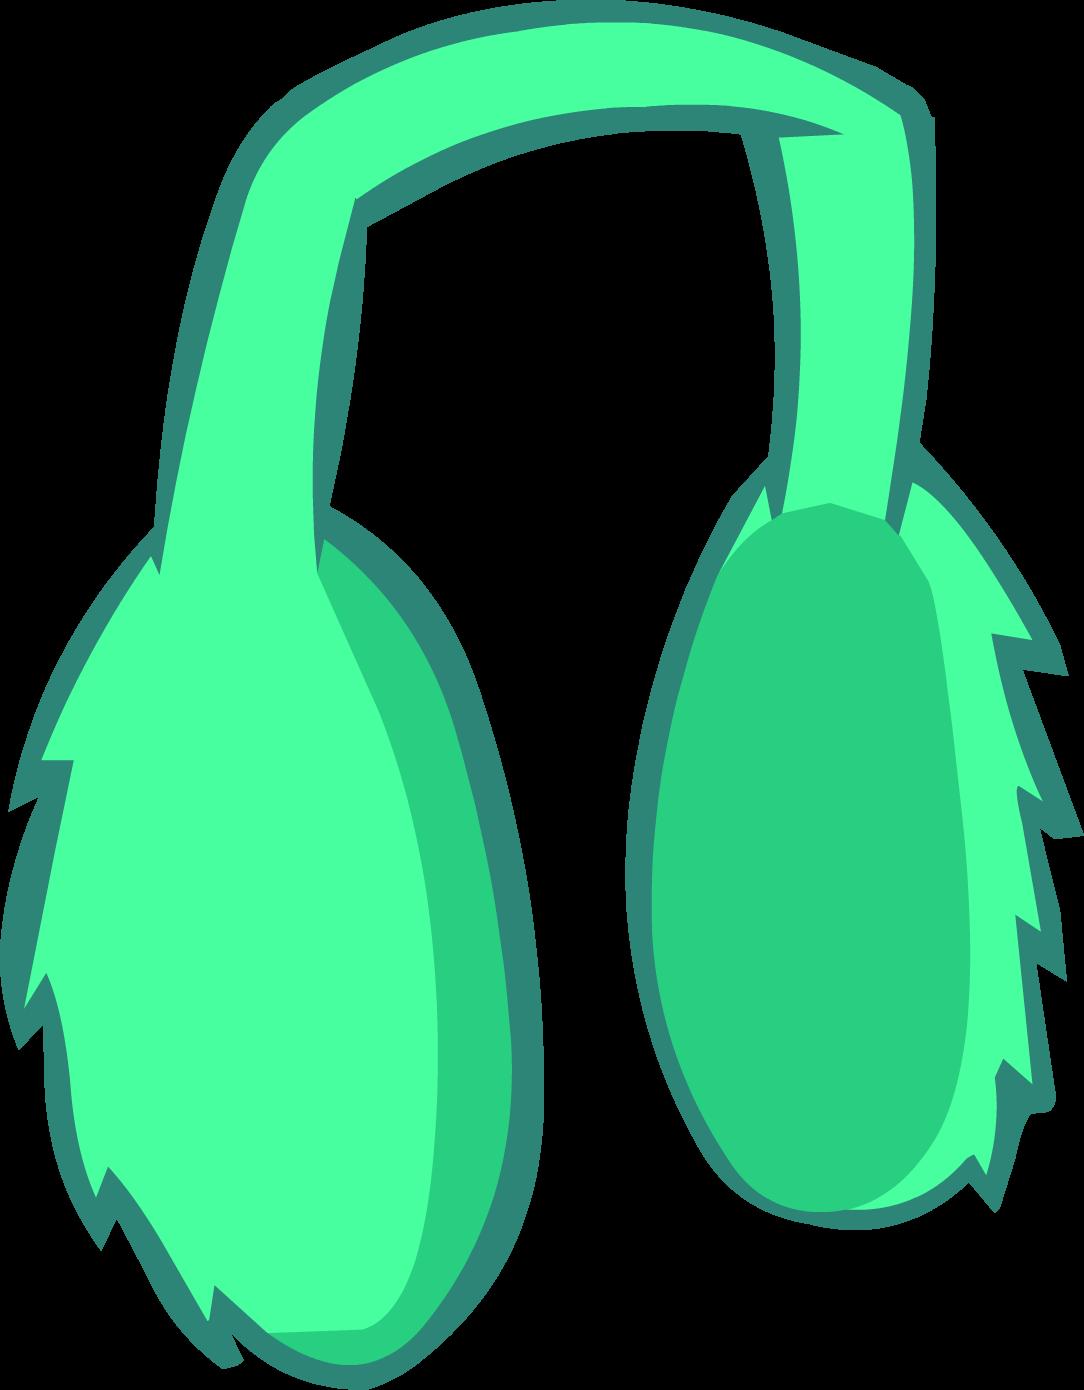 Earmuff clipart vector Free Earmuffs Cliparts, Download Free Clip Art, Free Clip Art on ... vector